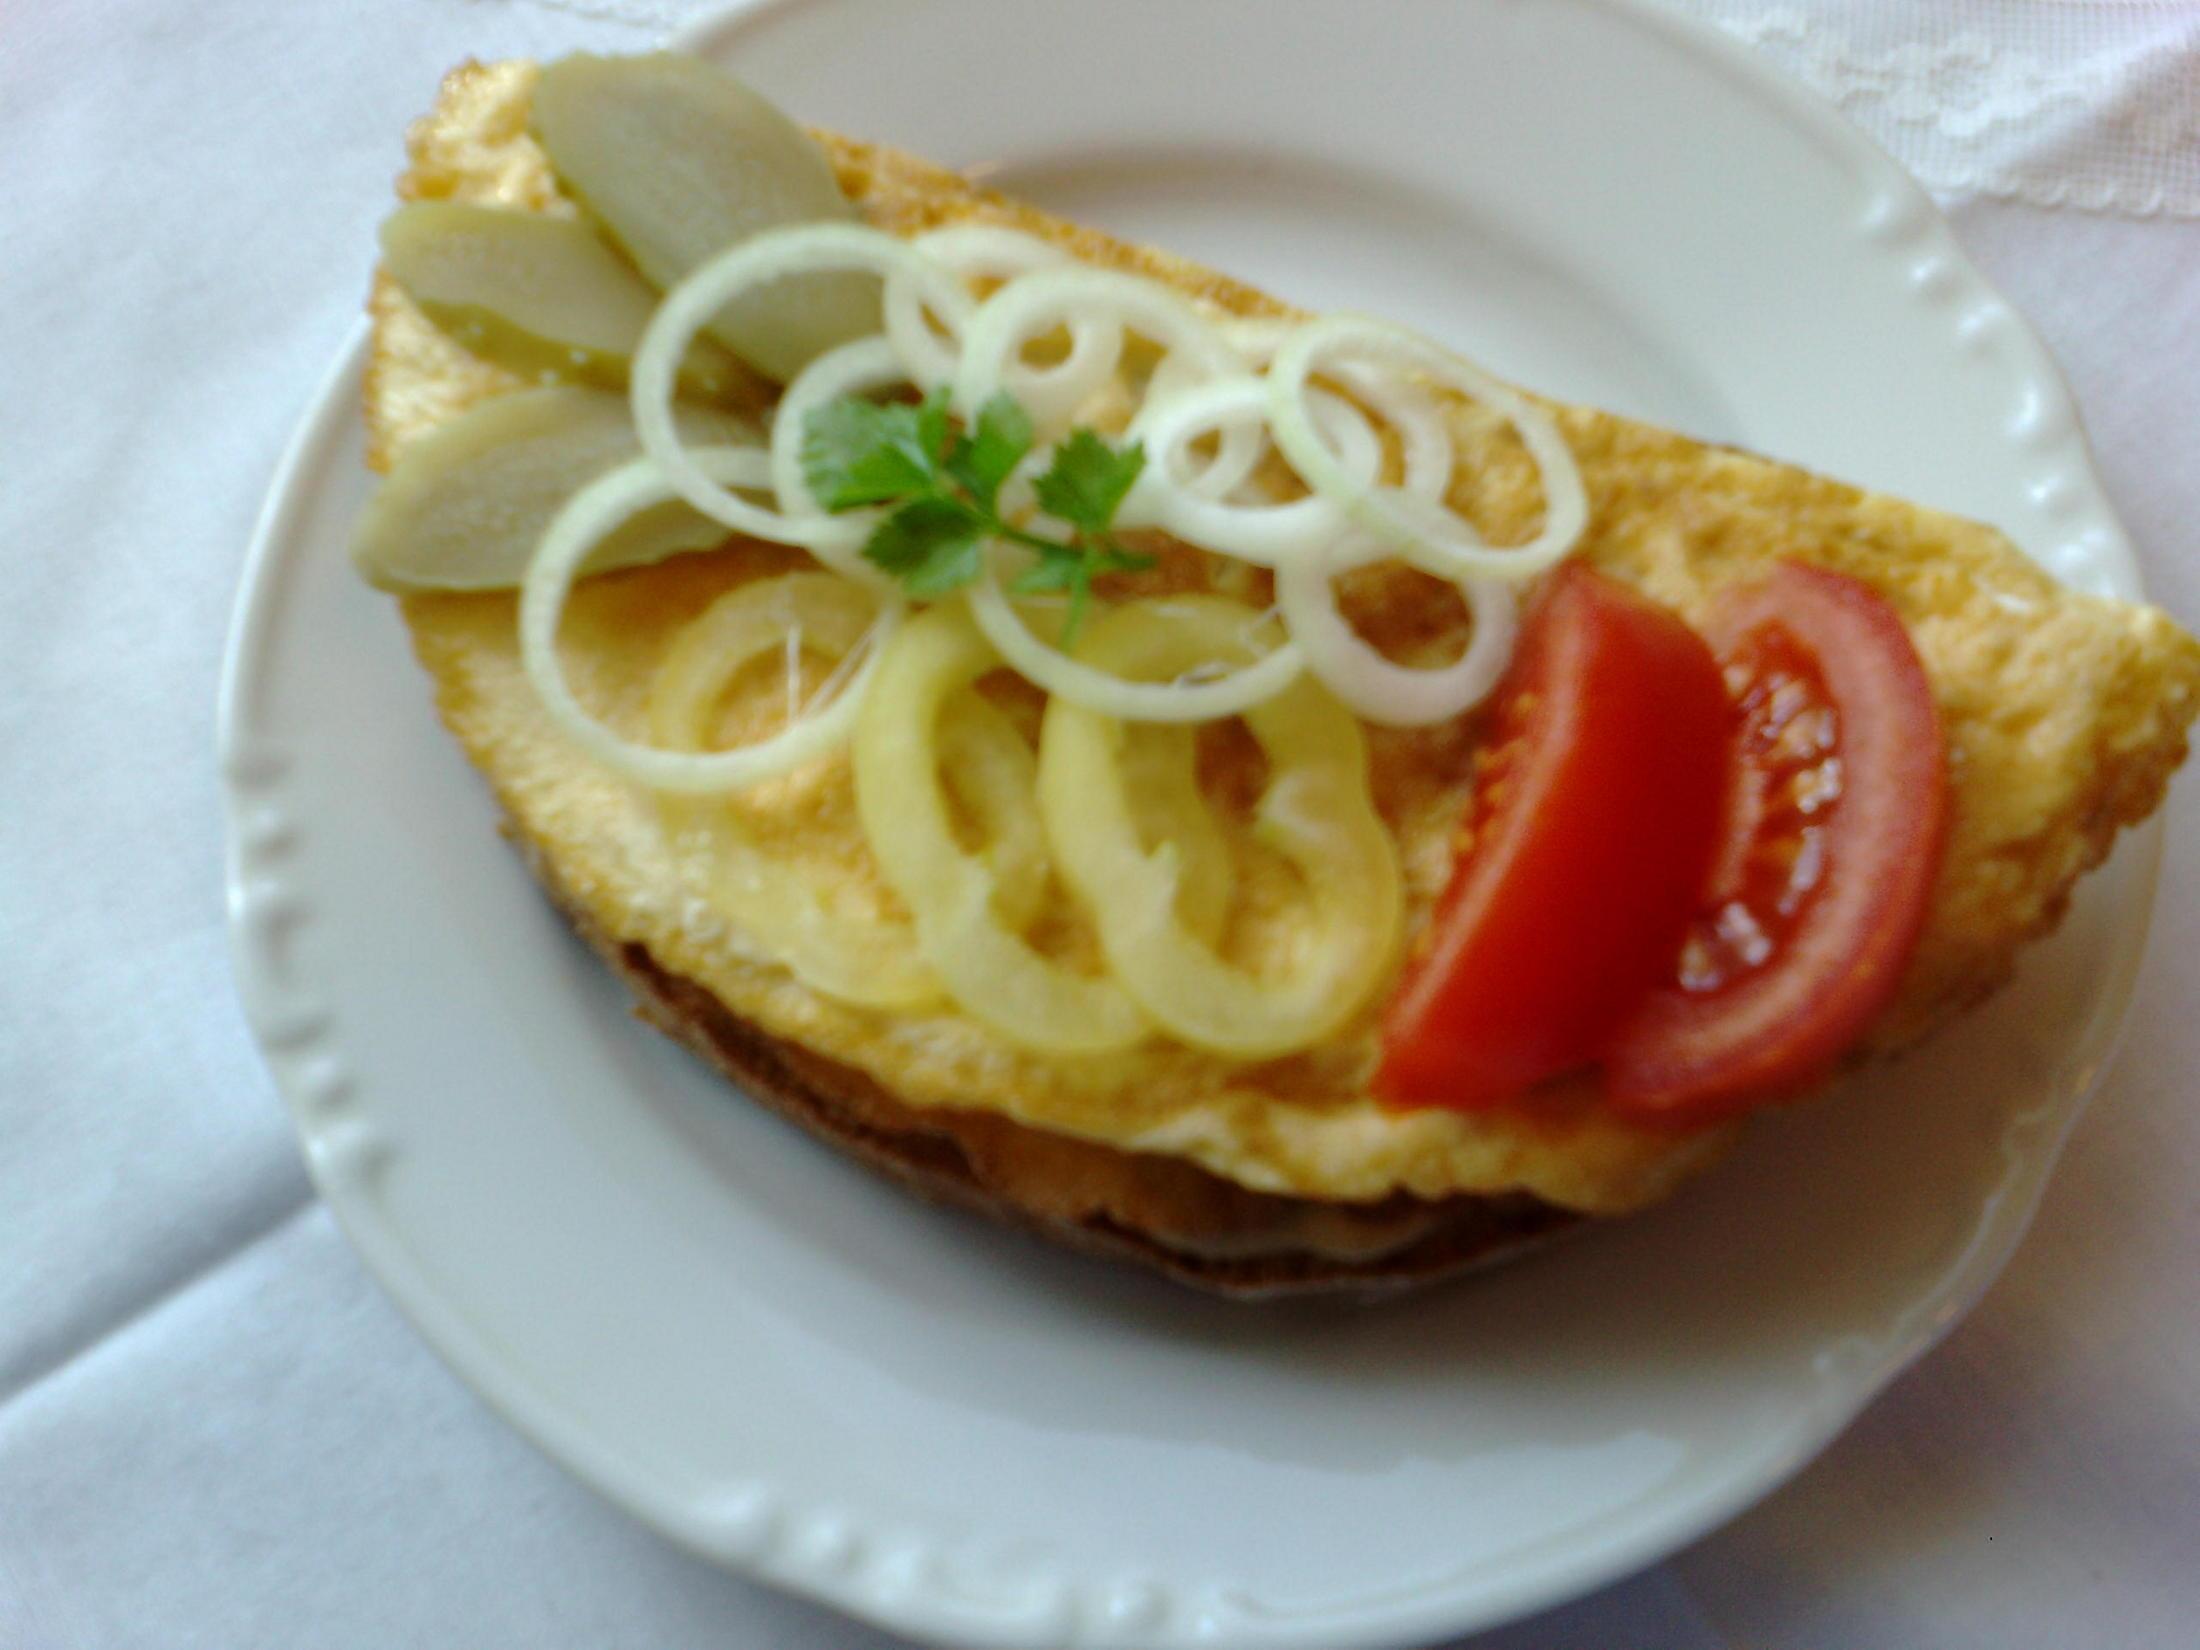 Fotografie receptu: Vaječná smaženka s chlebem